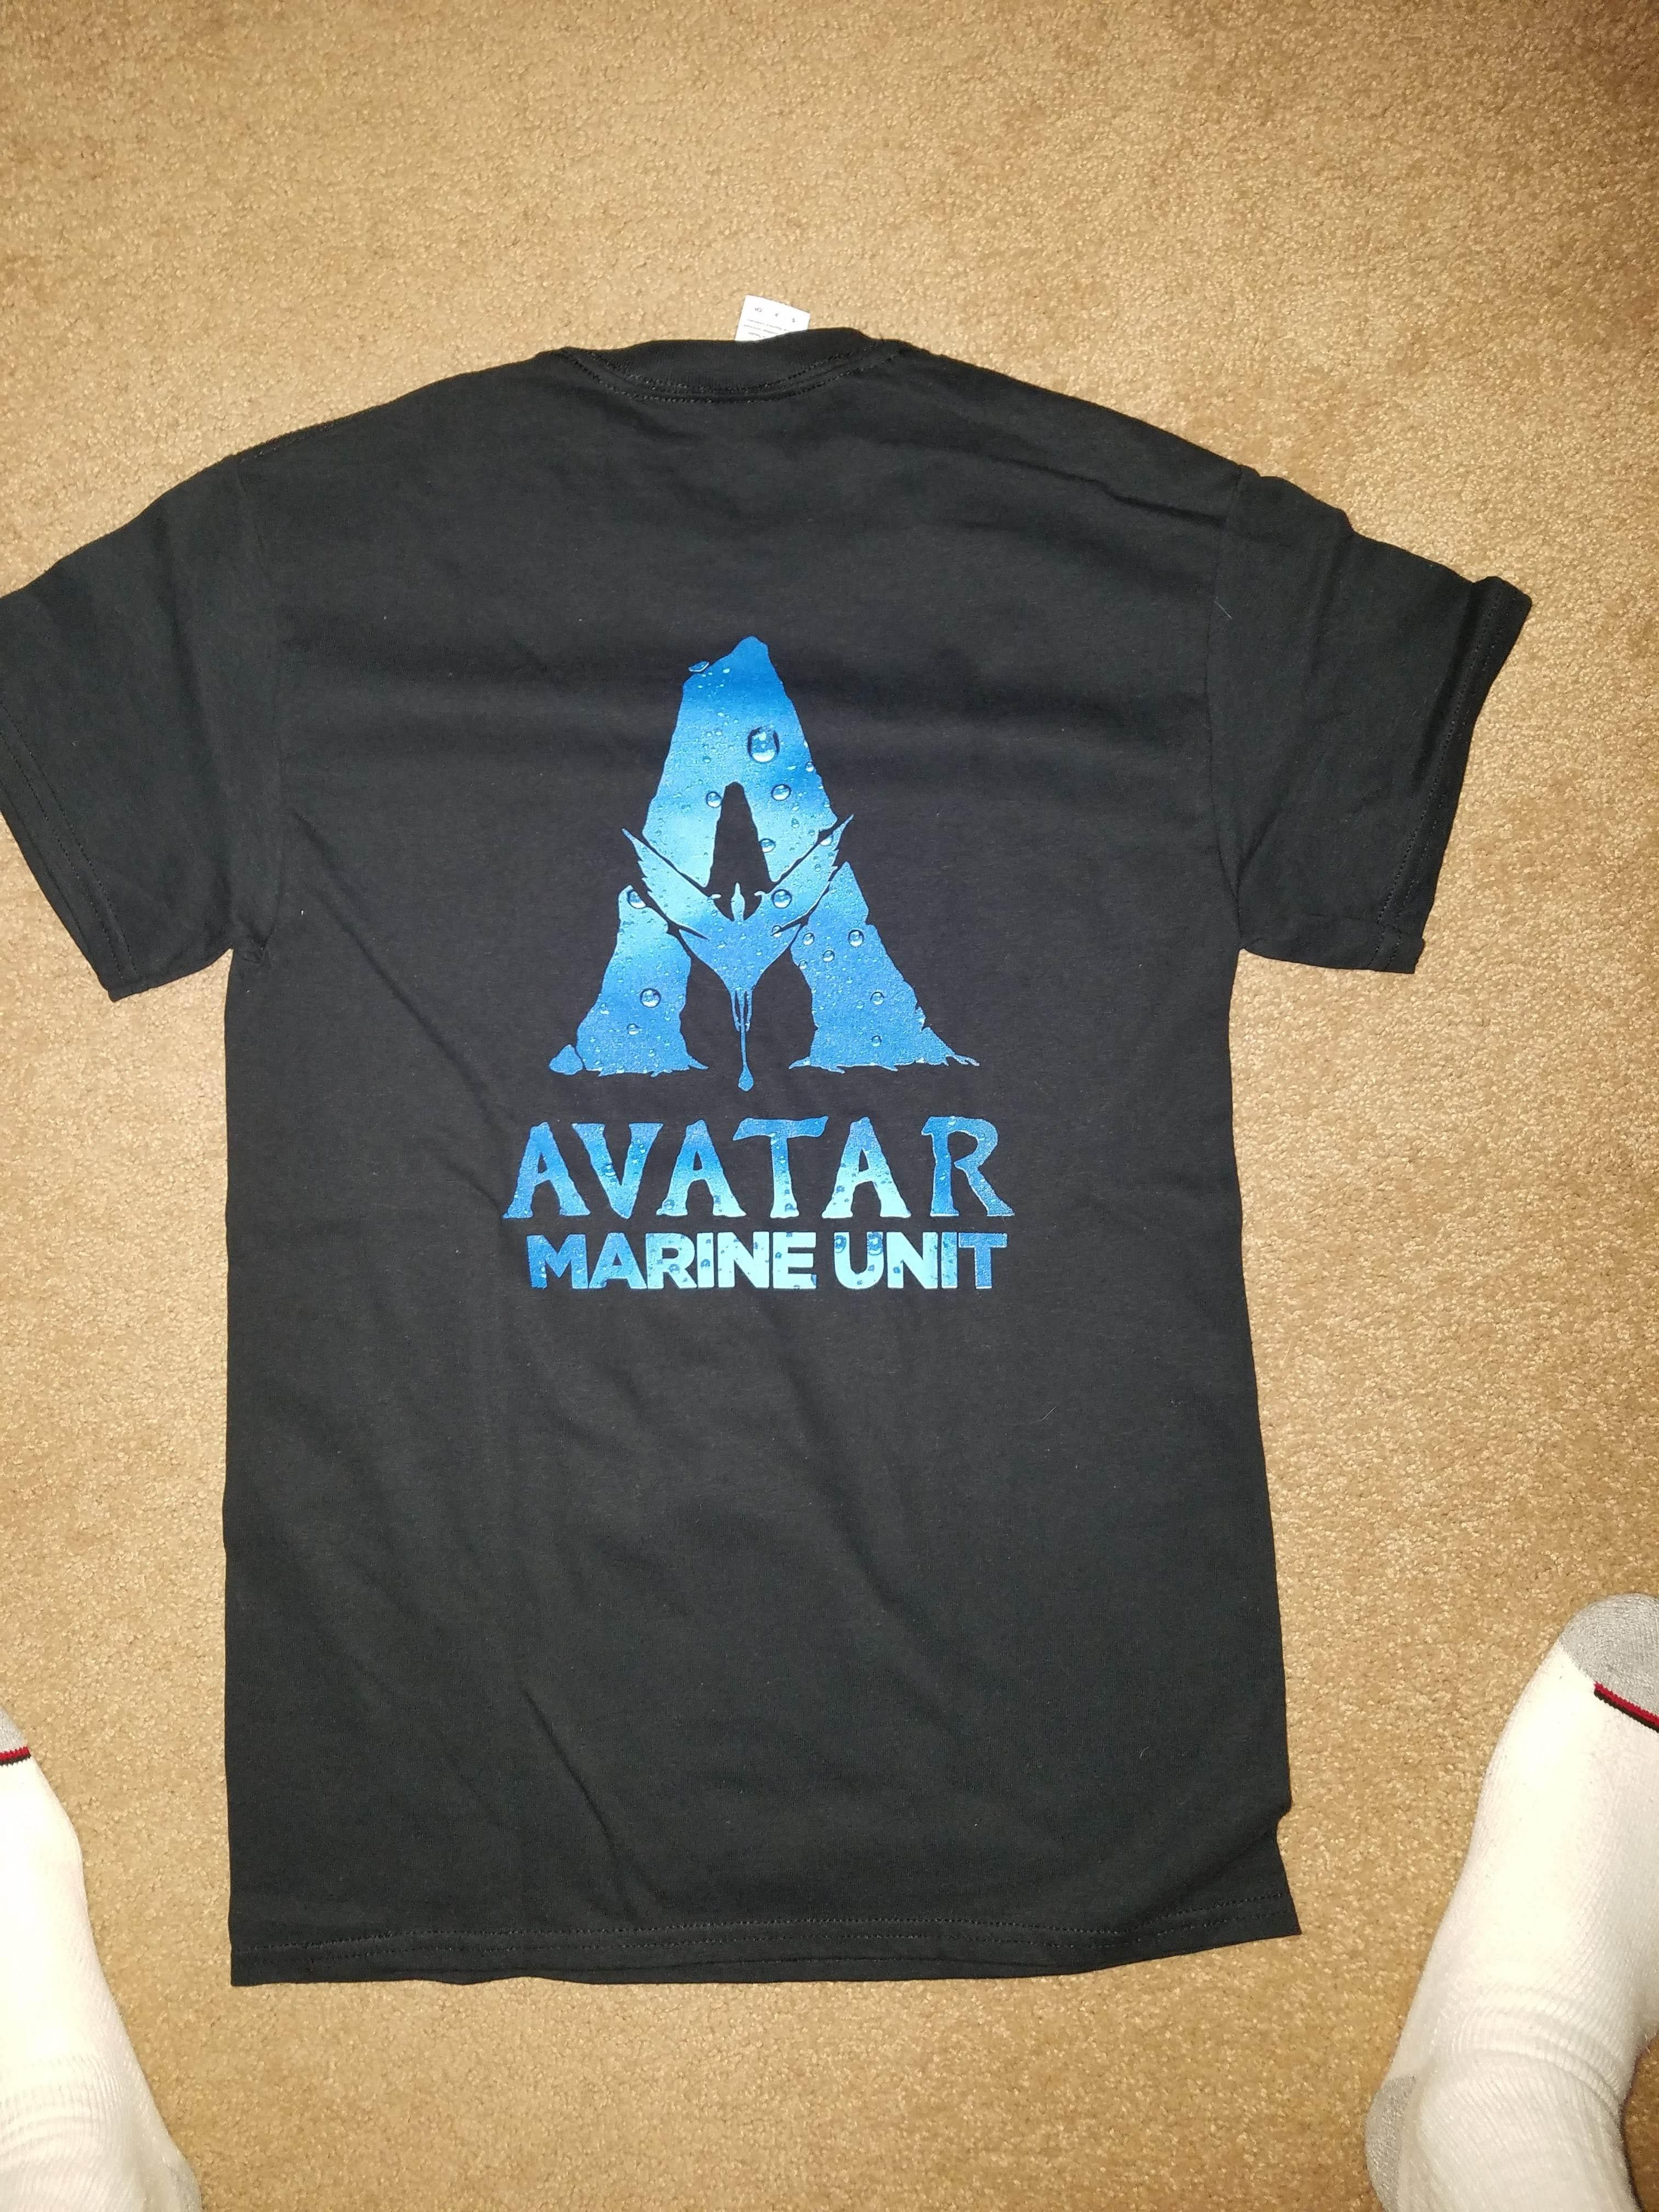 A Staff T-Shirt For James Cameron's Avatar : ジェームズ・キャメロン監督のSFアクション映画の超大作「アバター」シリーズのスタッフ T シャツ ! !